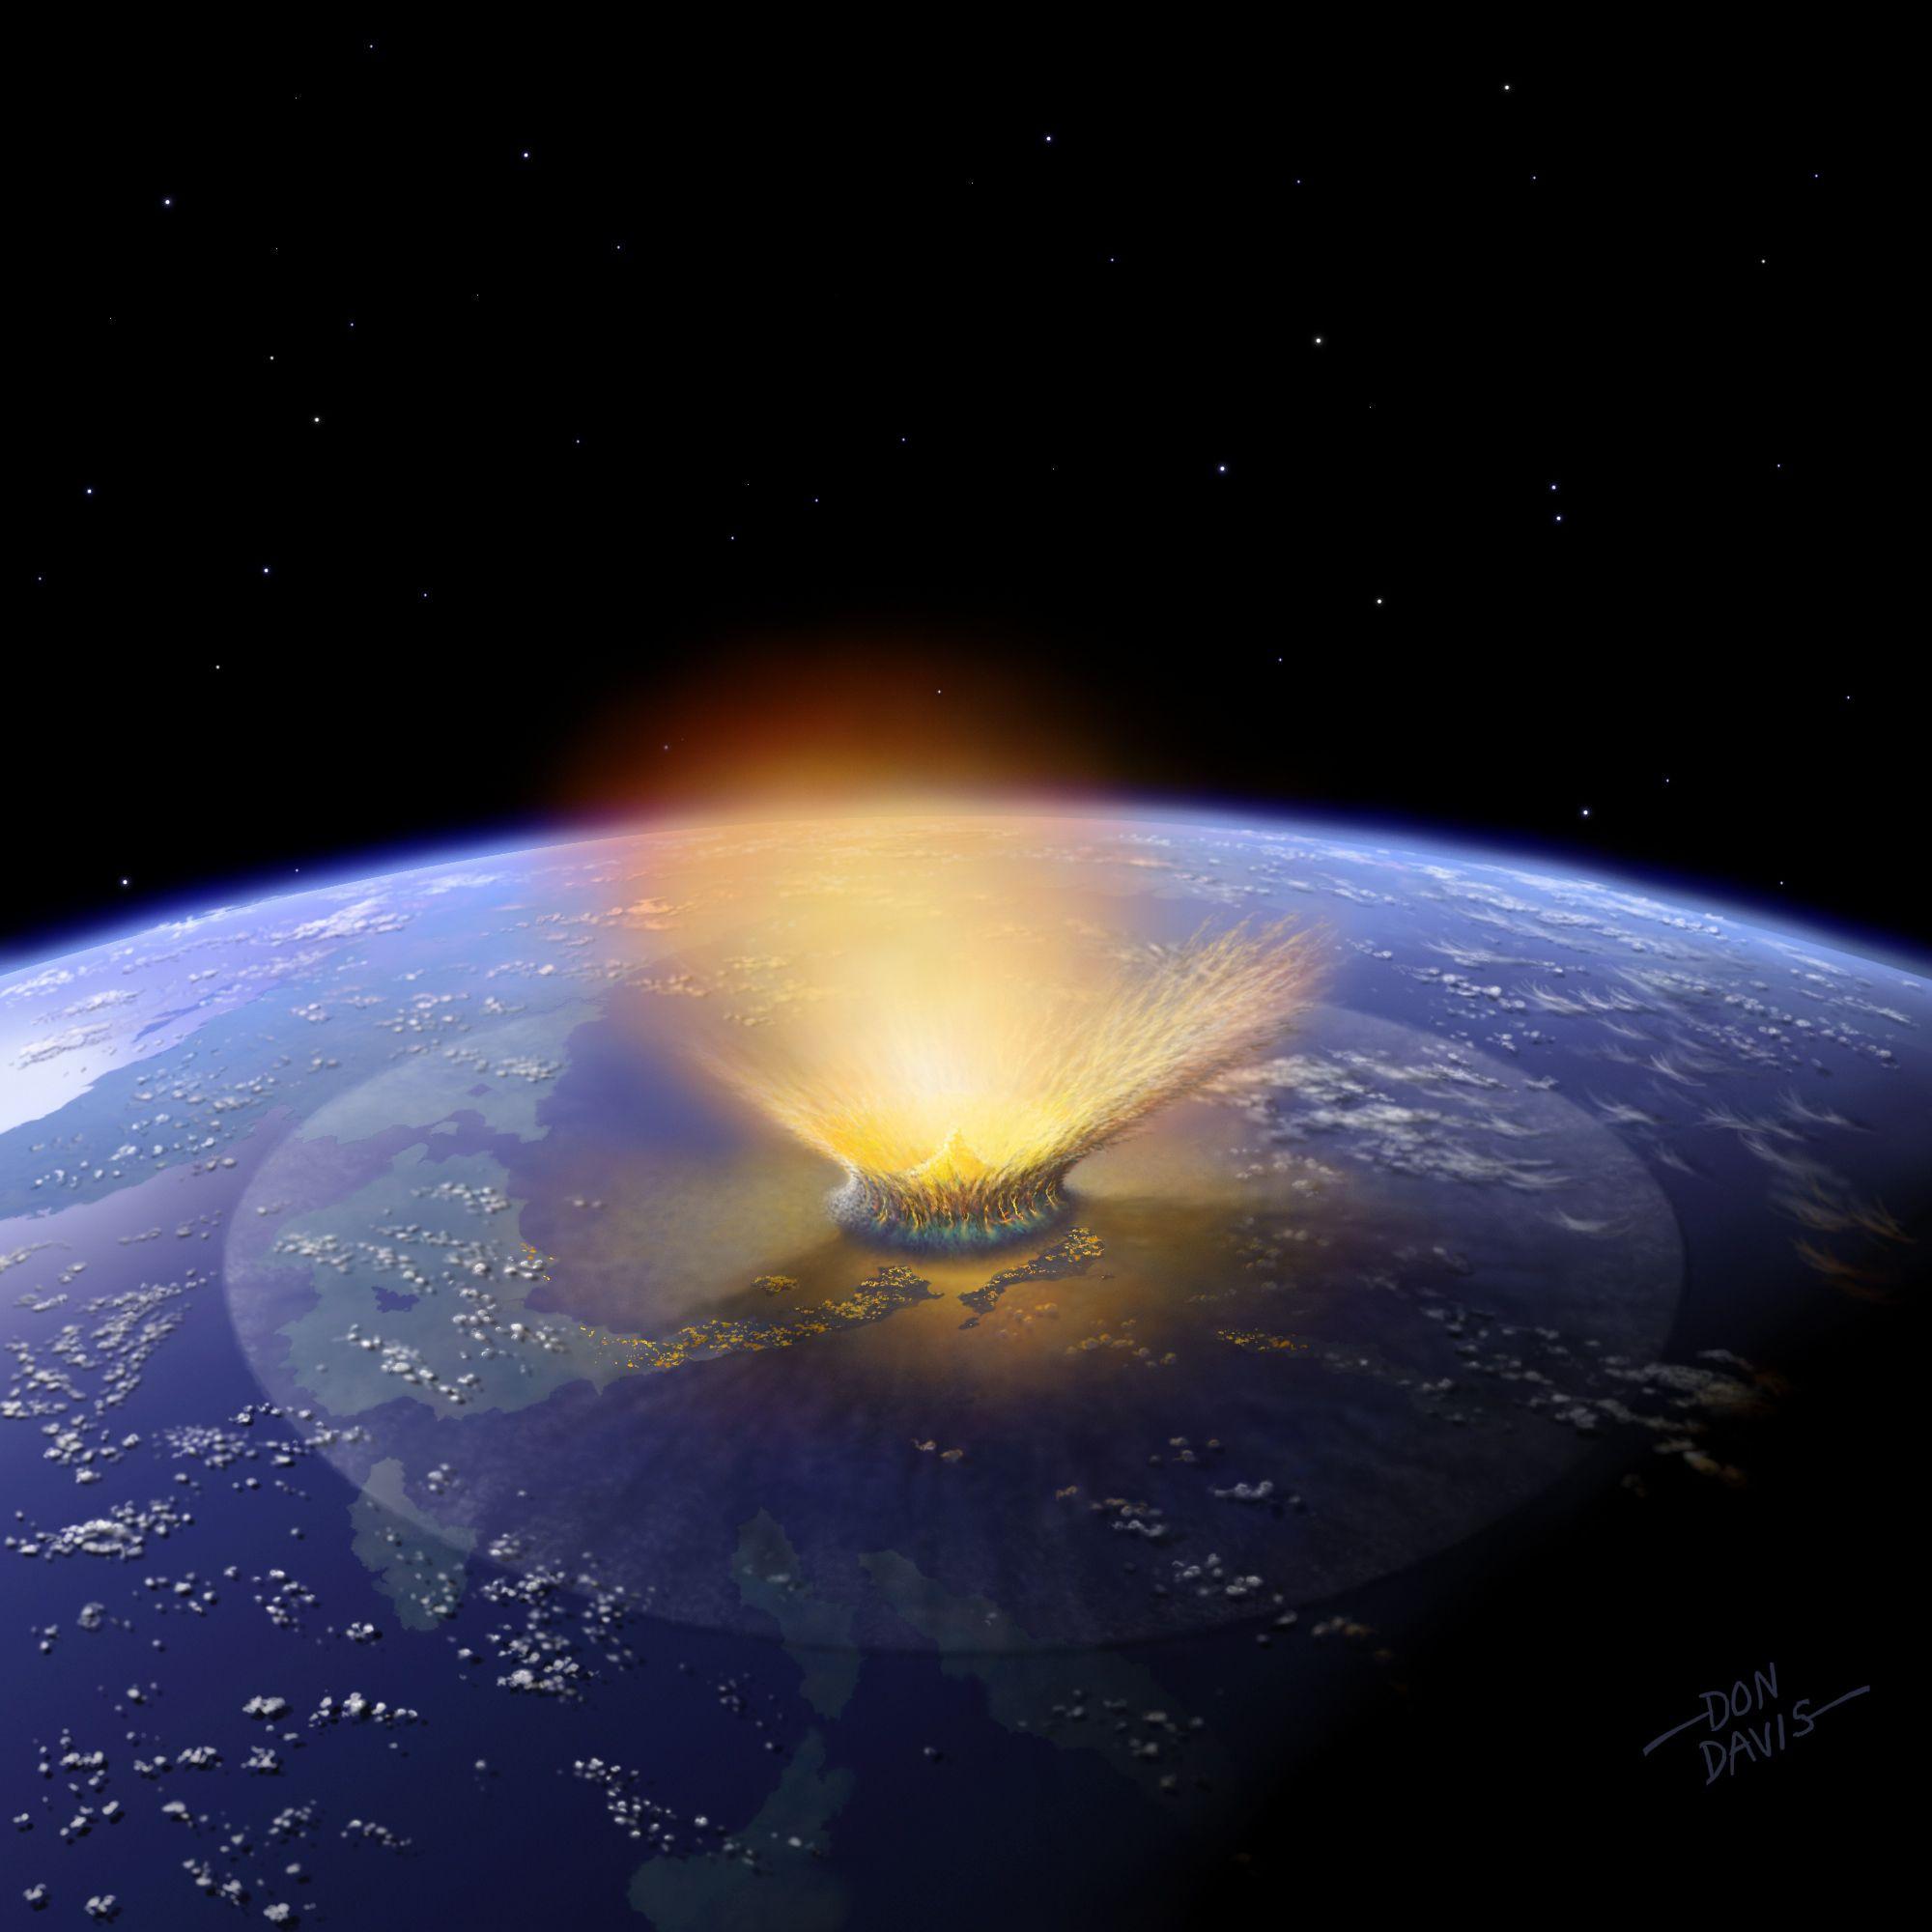 Ученые предположили существование пояса из темной материи в нашей галактике